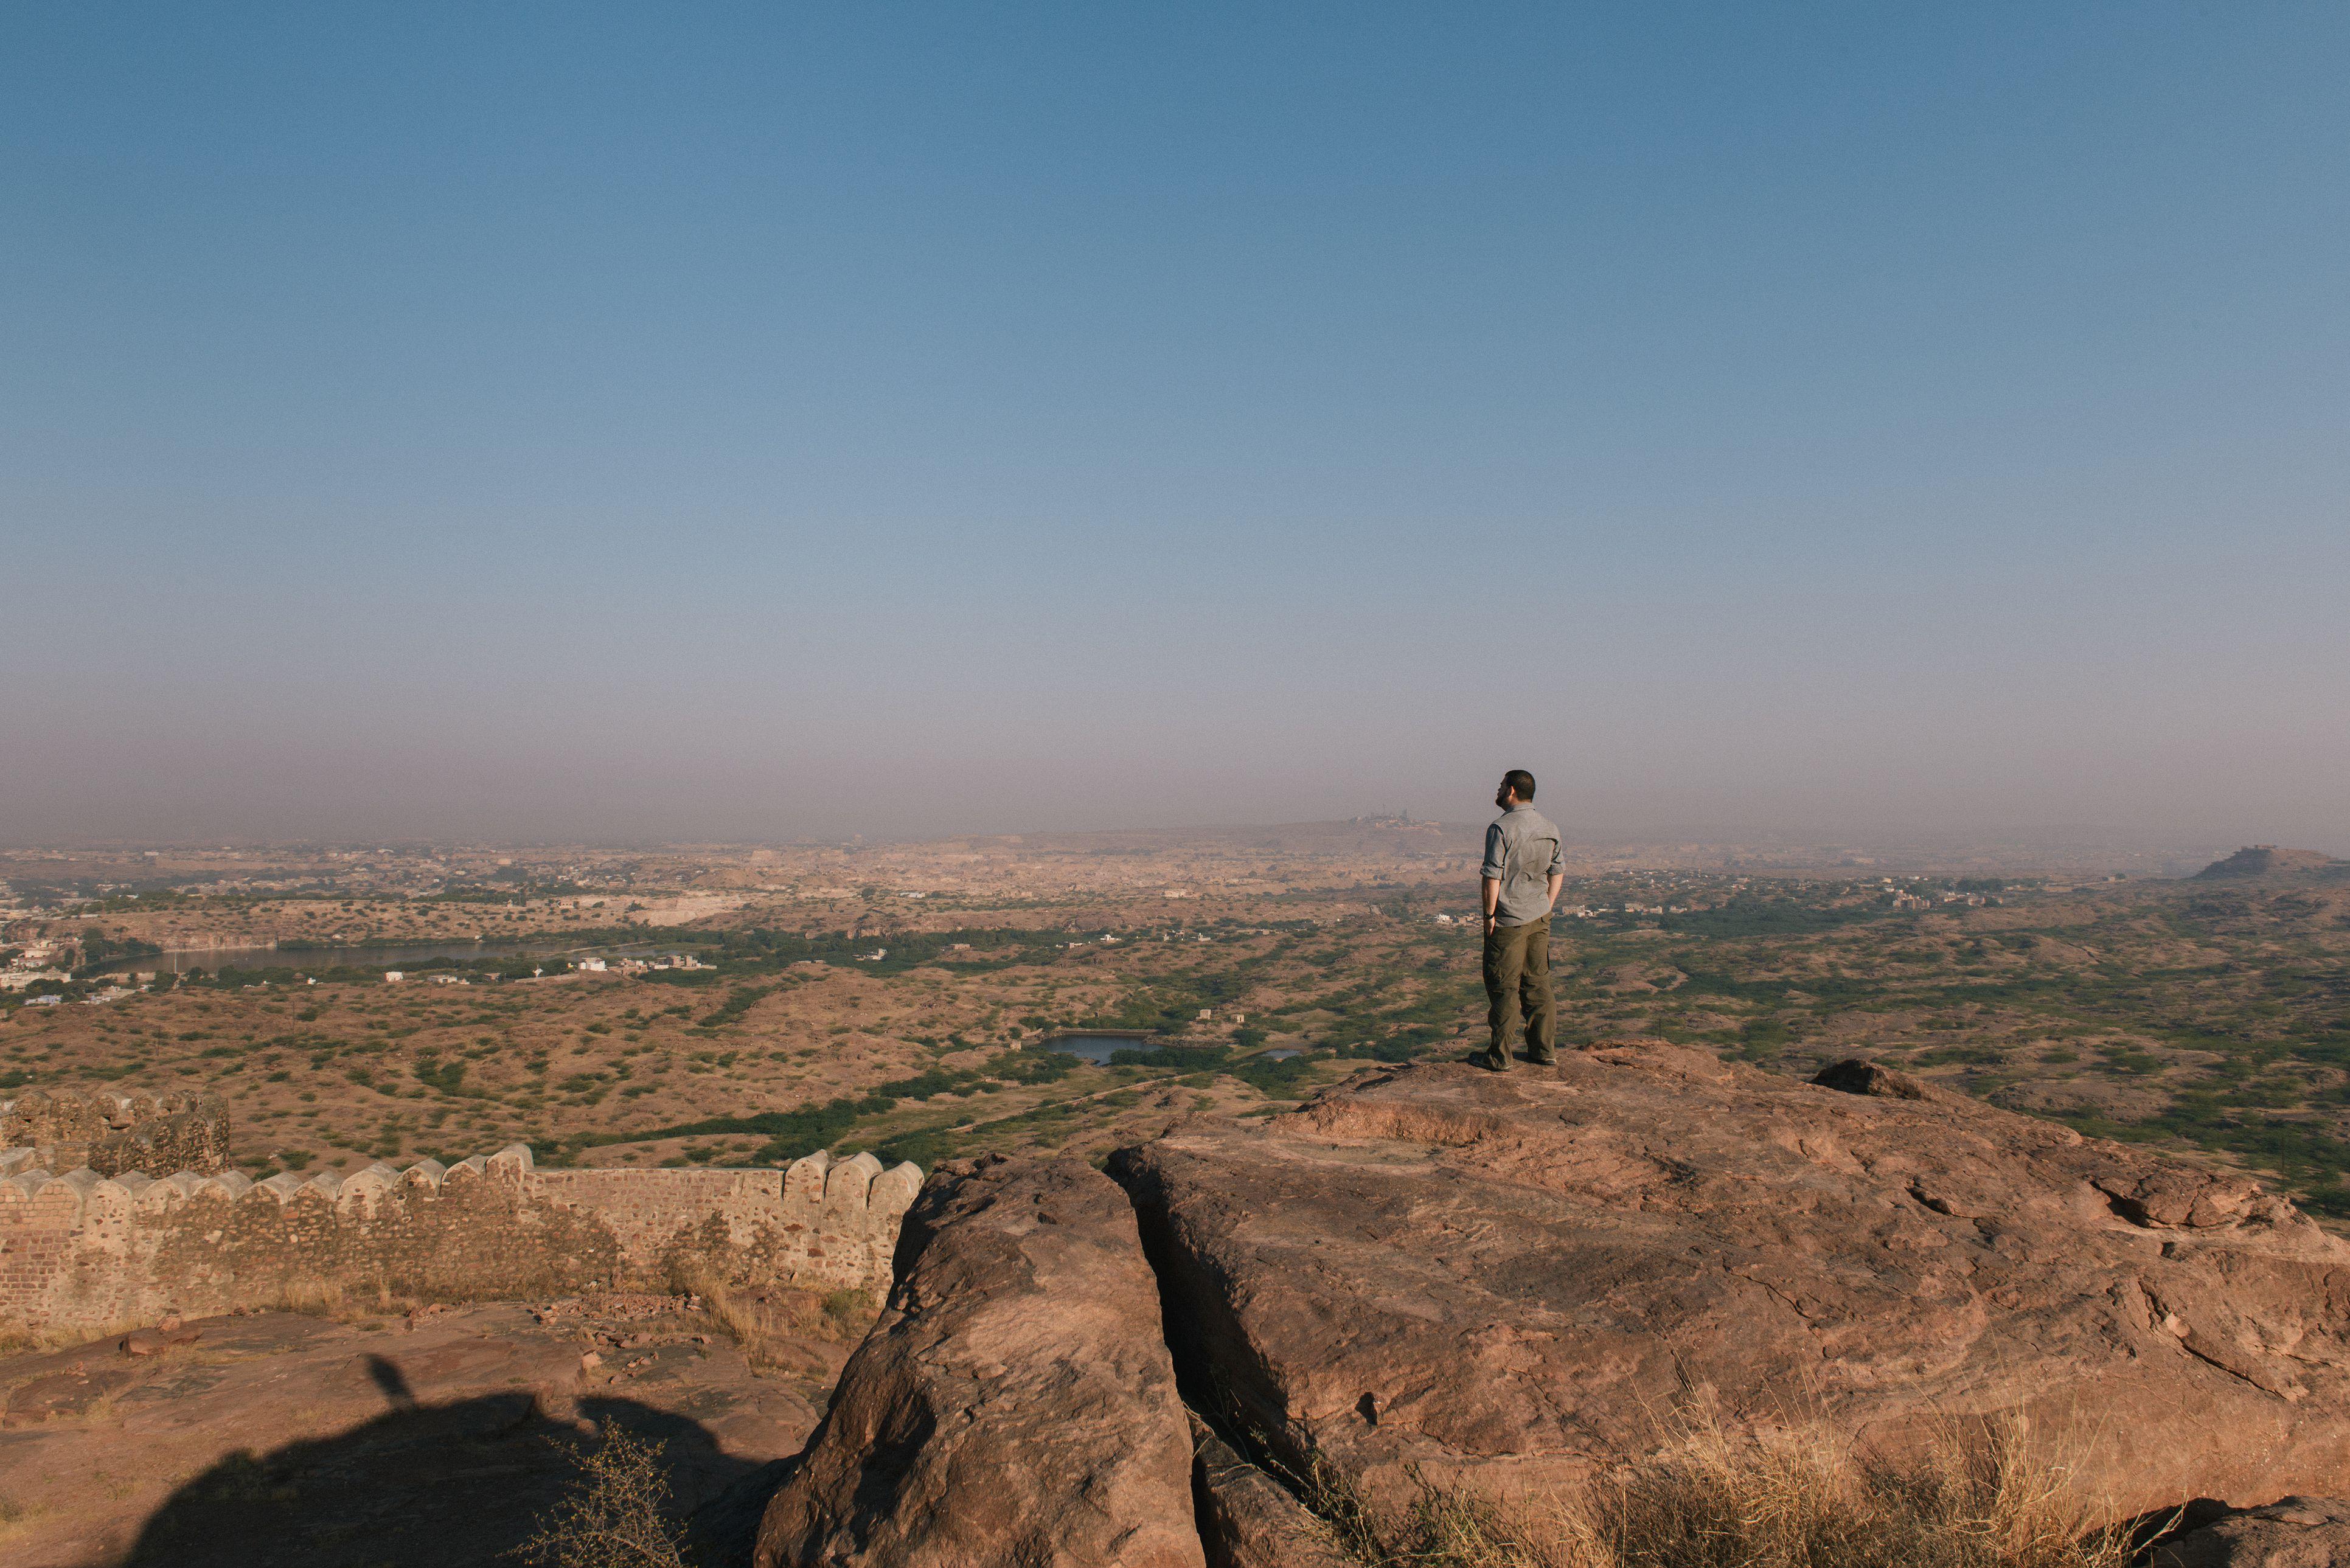 Hombre de pie sobre una roca en el Parque de rocas del desierto Rao Jodha, Jodhpur, Rajasthan, India